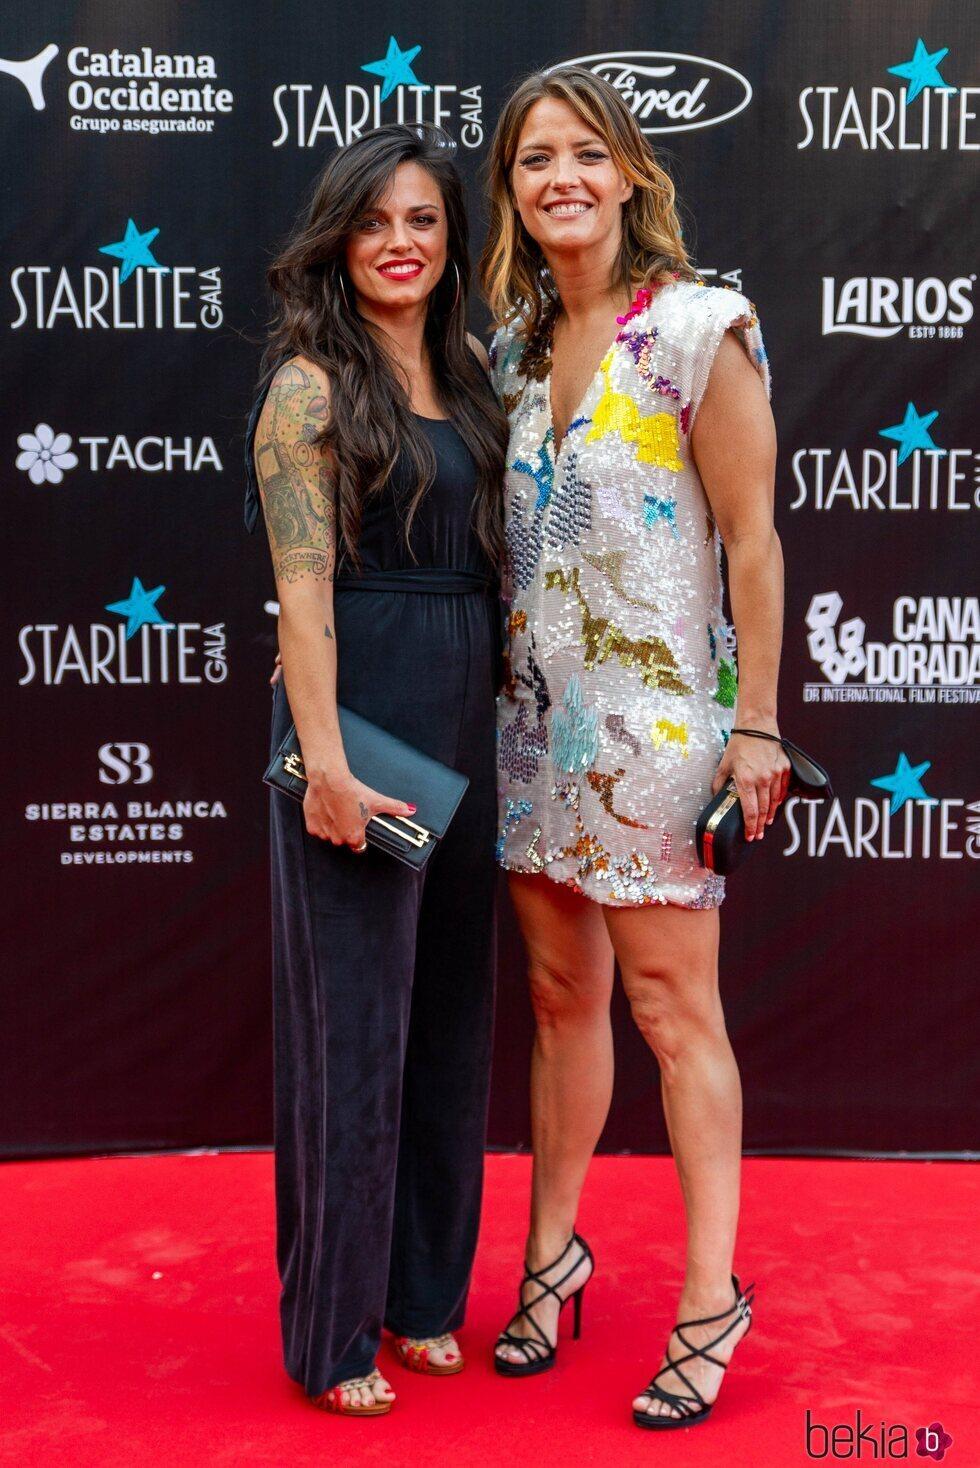 María Casado y su novia Martina en la Gala Starlite 2021